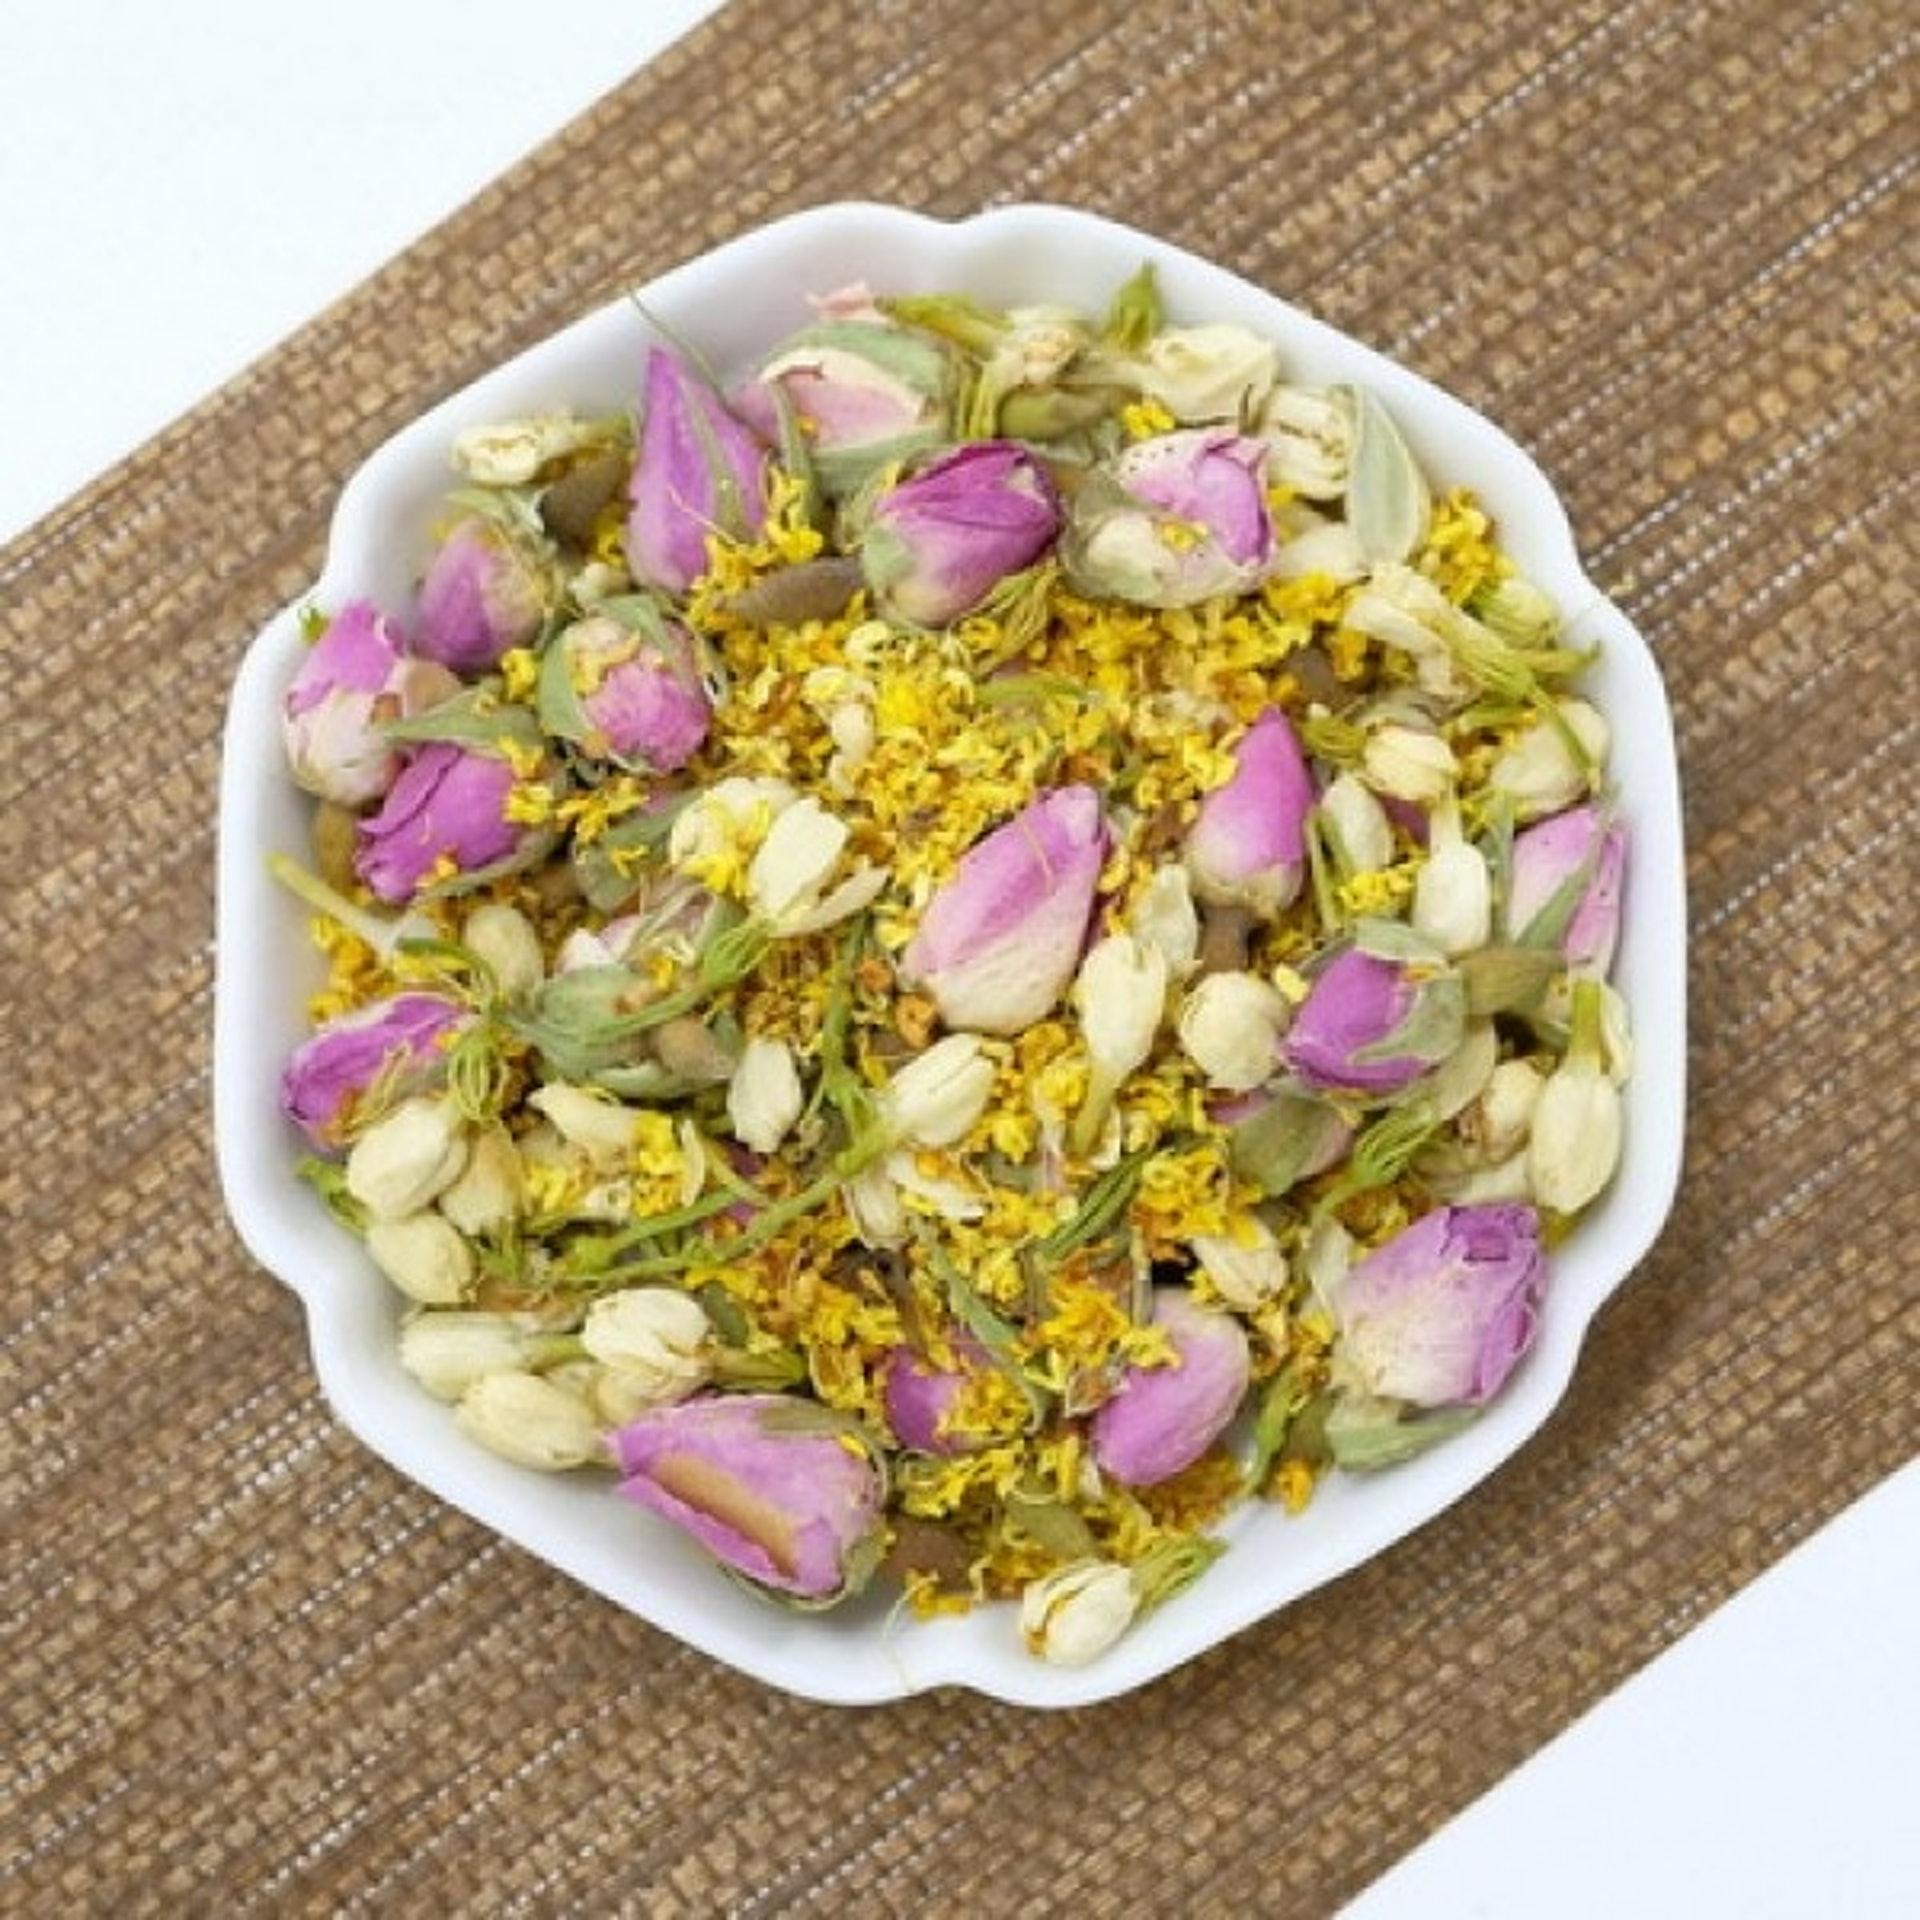 適量飲三花茶,有降火安神作用,可改善更年期出現的心浮氣燥、失眠問題。(圖片:lkytea)